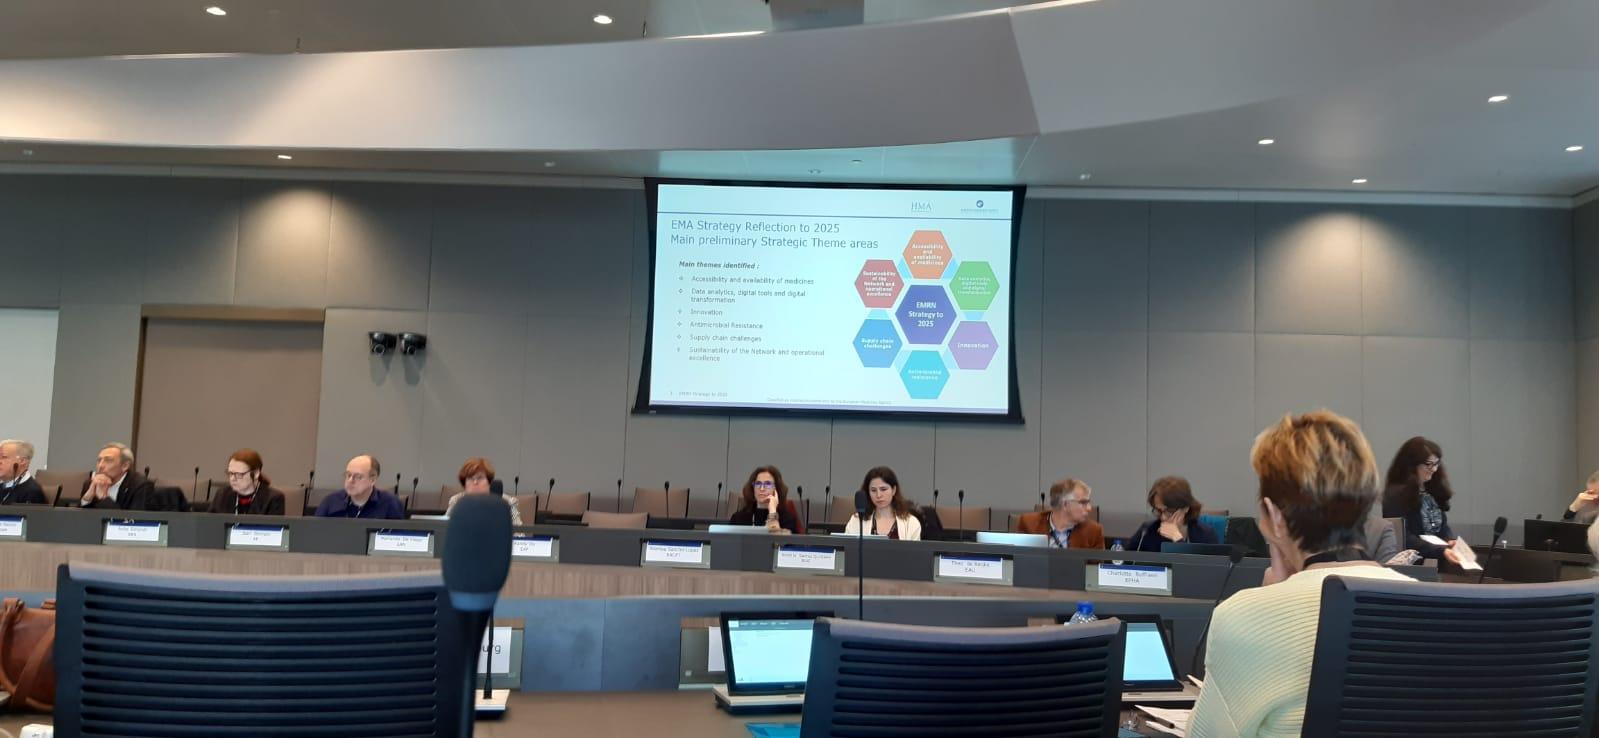 ASSCAT asistió los días 3 y 4 de marzo a la reunión de la EMA en Amsterdam